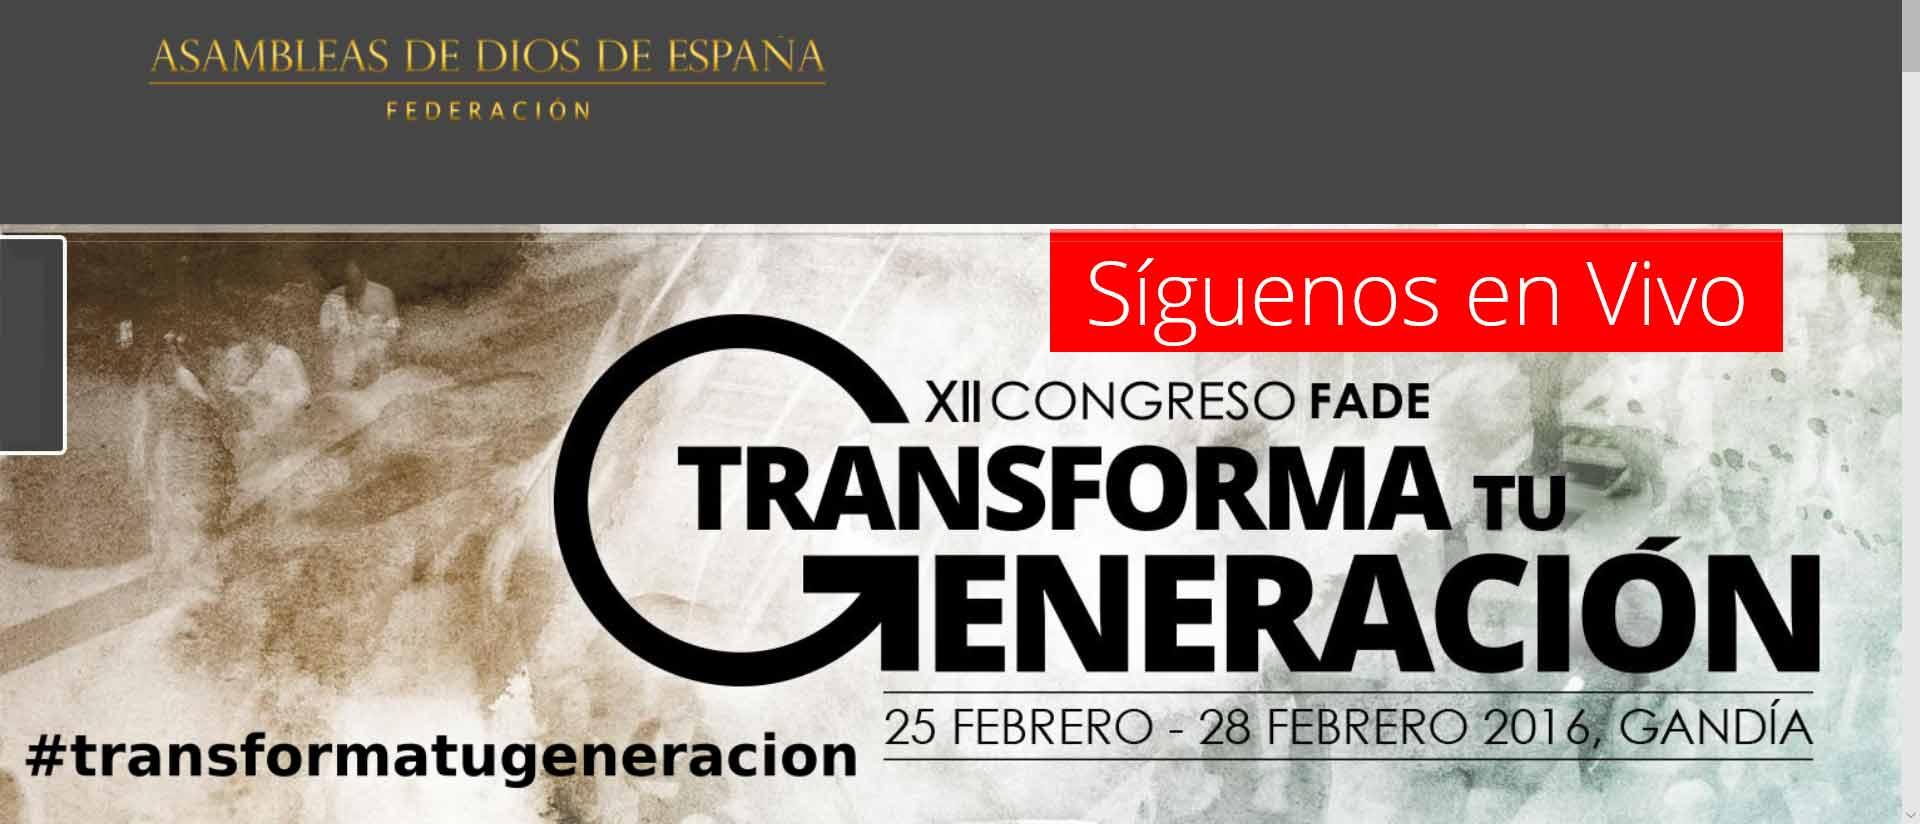 Logo Federación de Asambleas de Dios de España